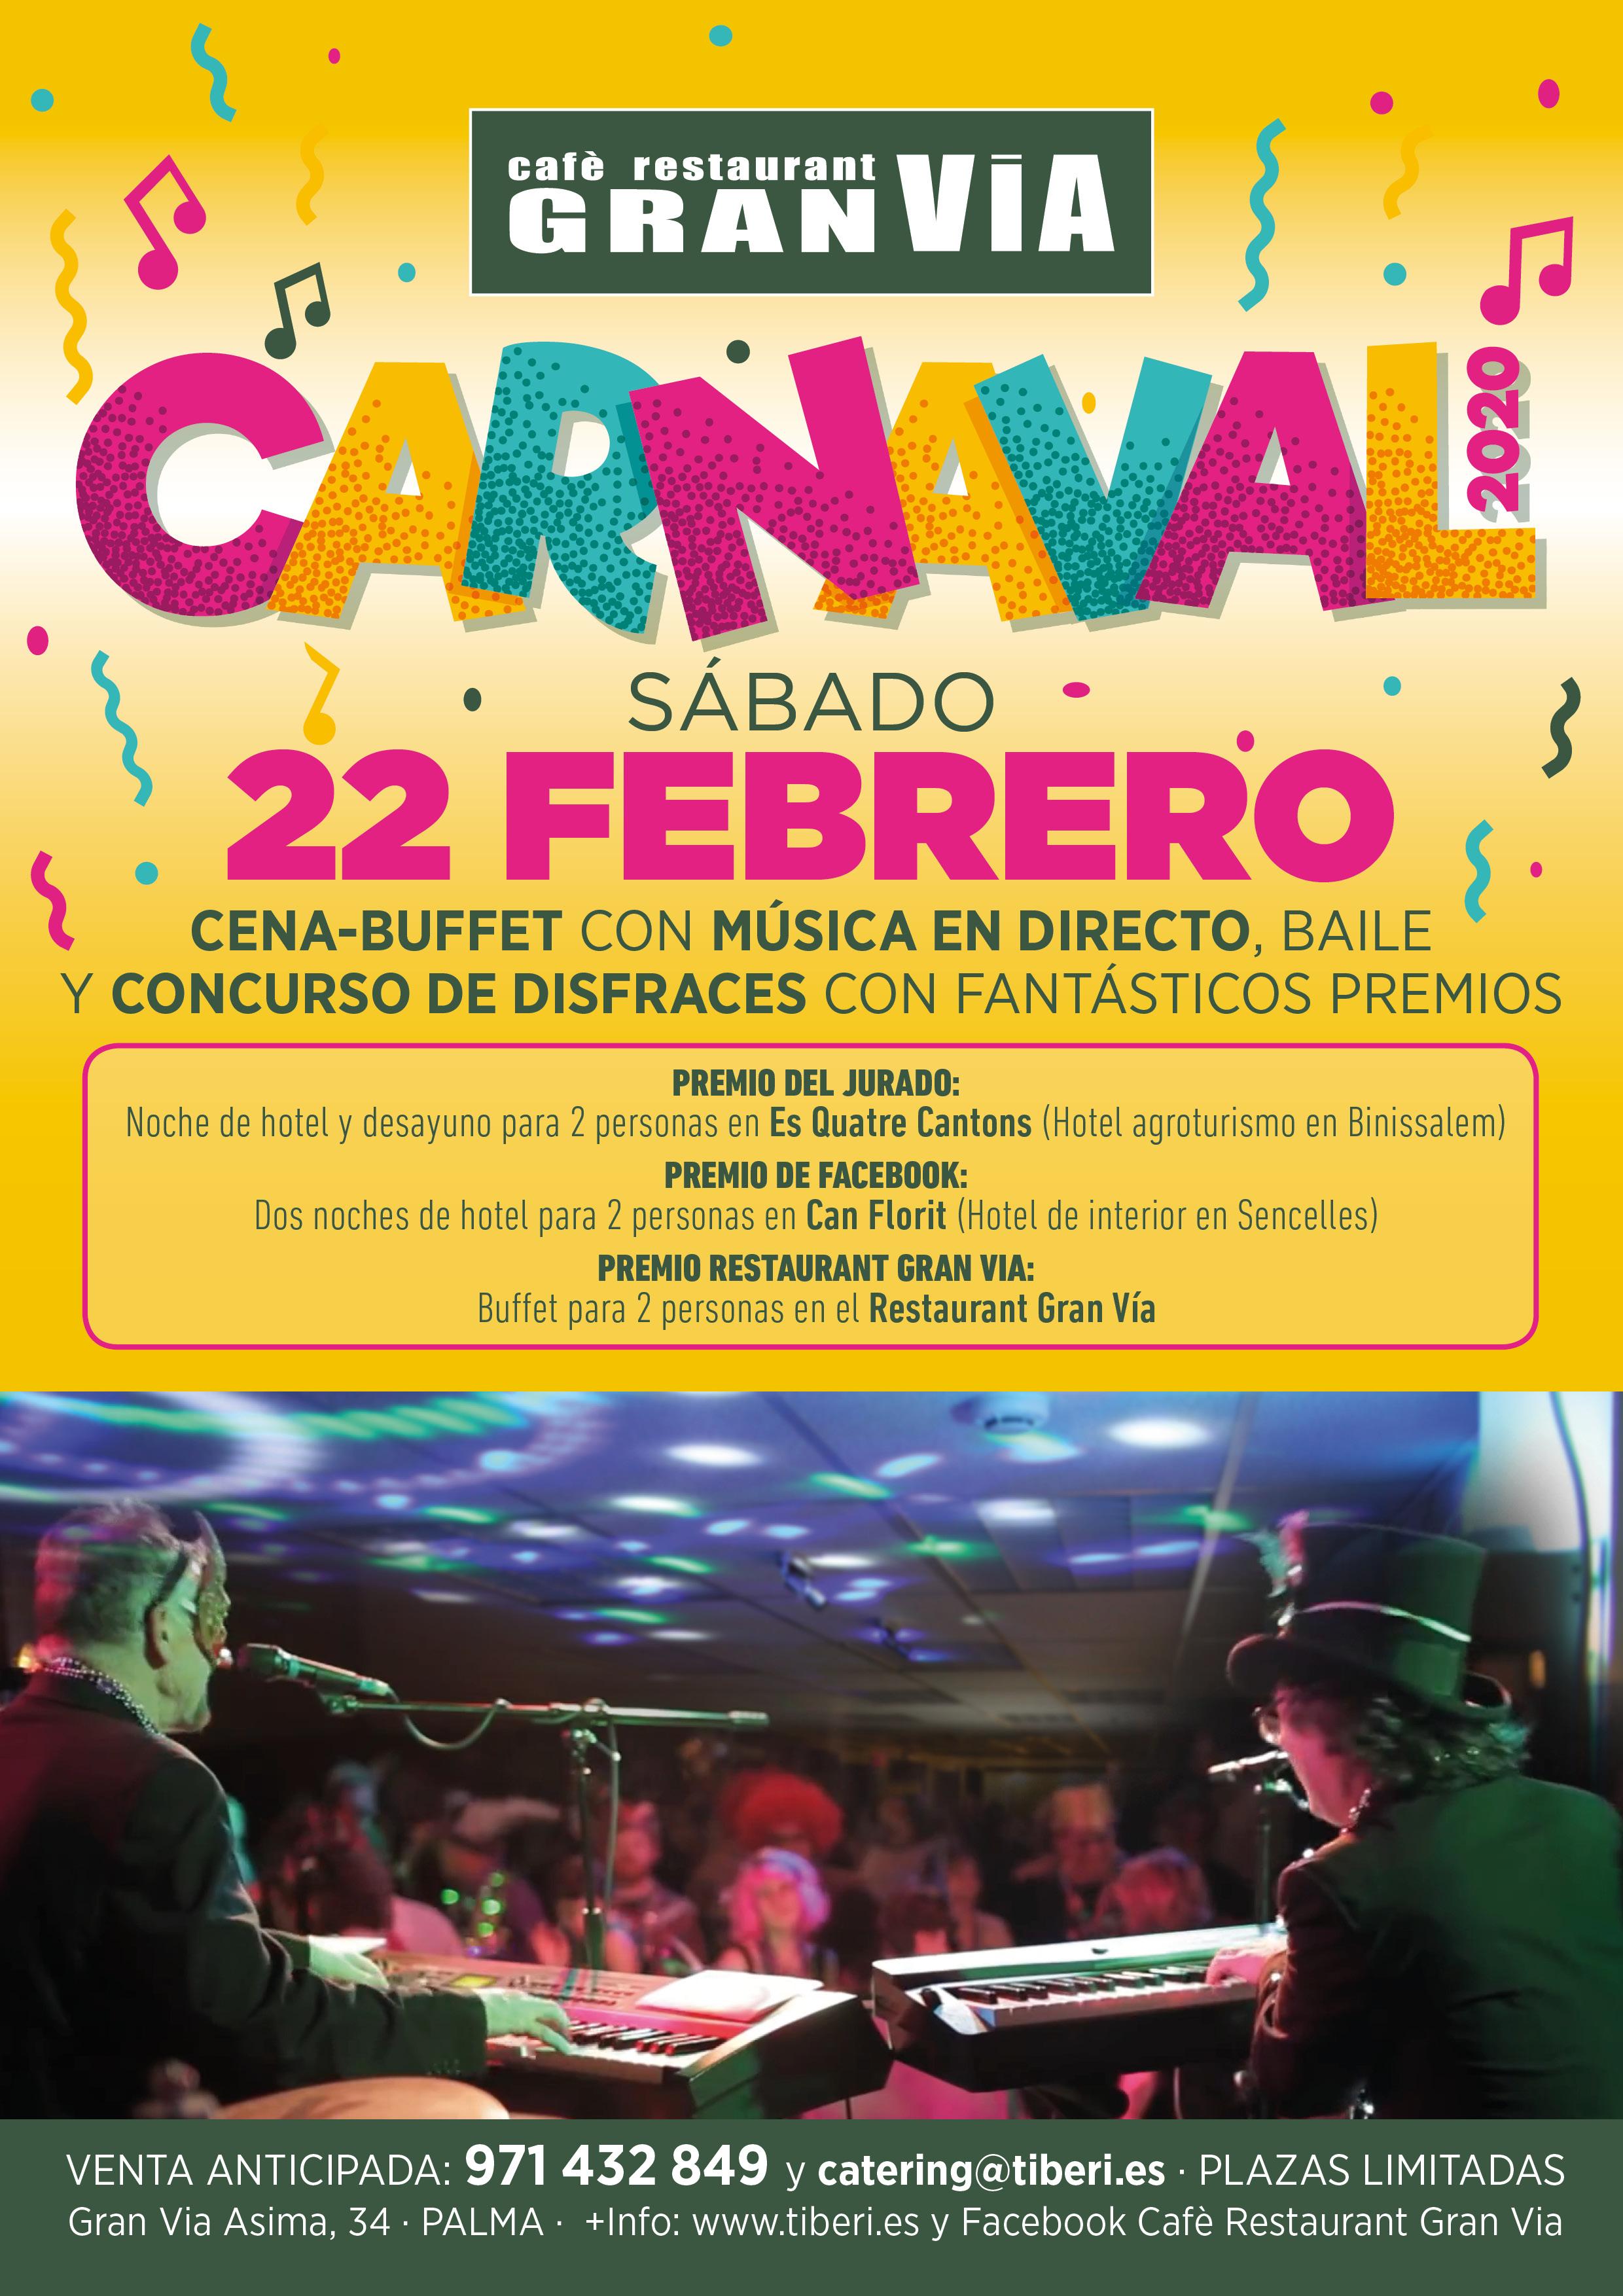 carnaval-gran-via-2020-2